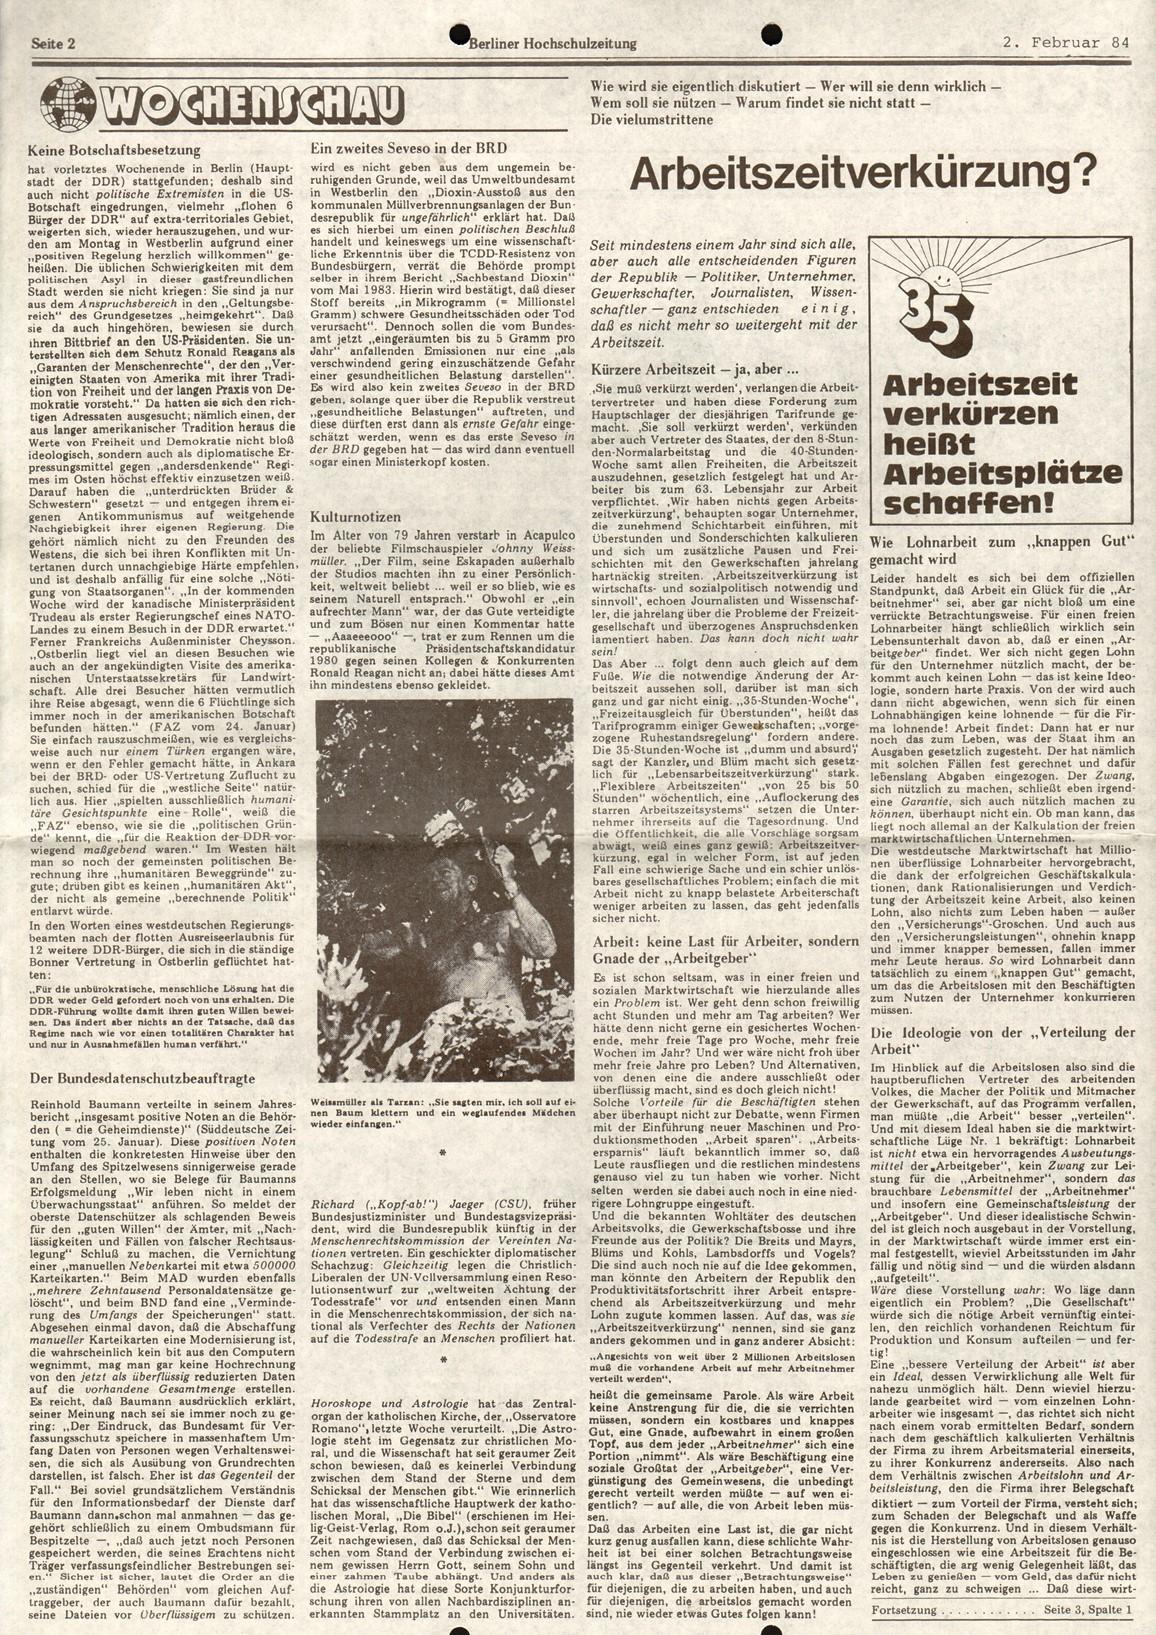 Berlin_MG_Hochschulzeitung_19840202_02